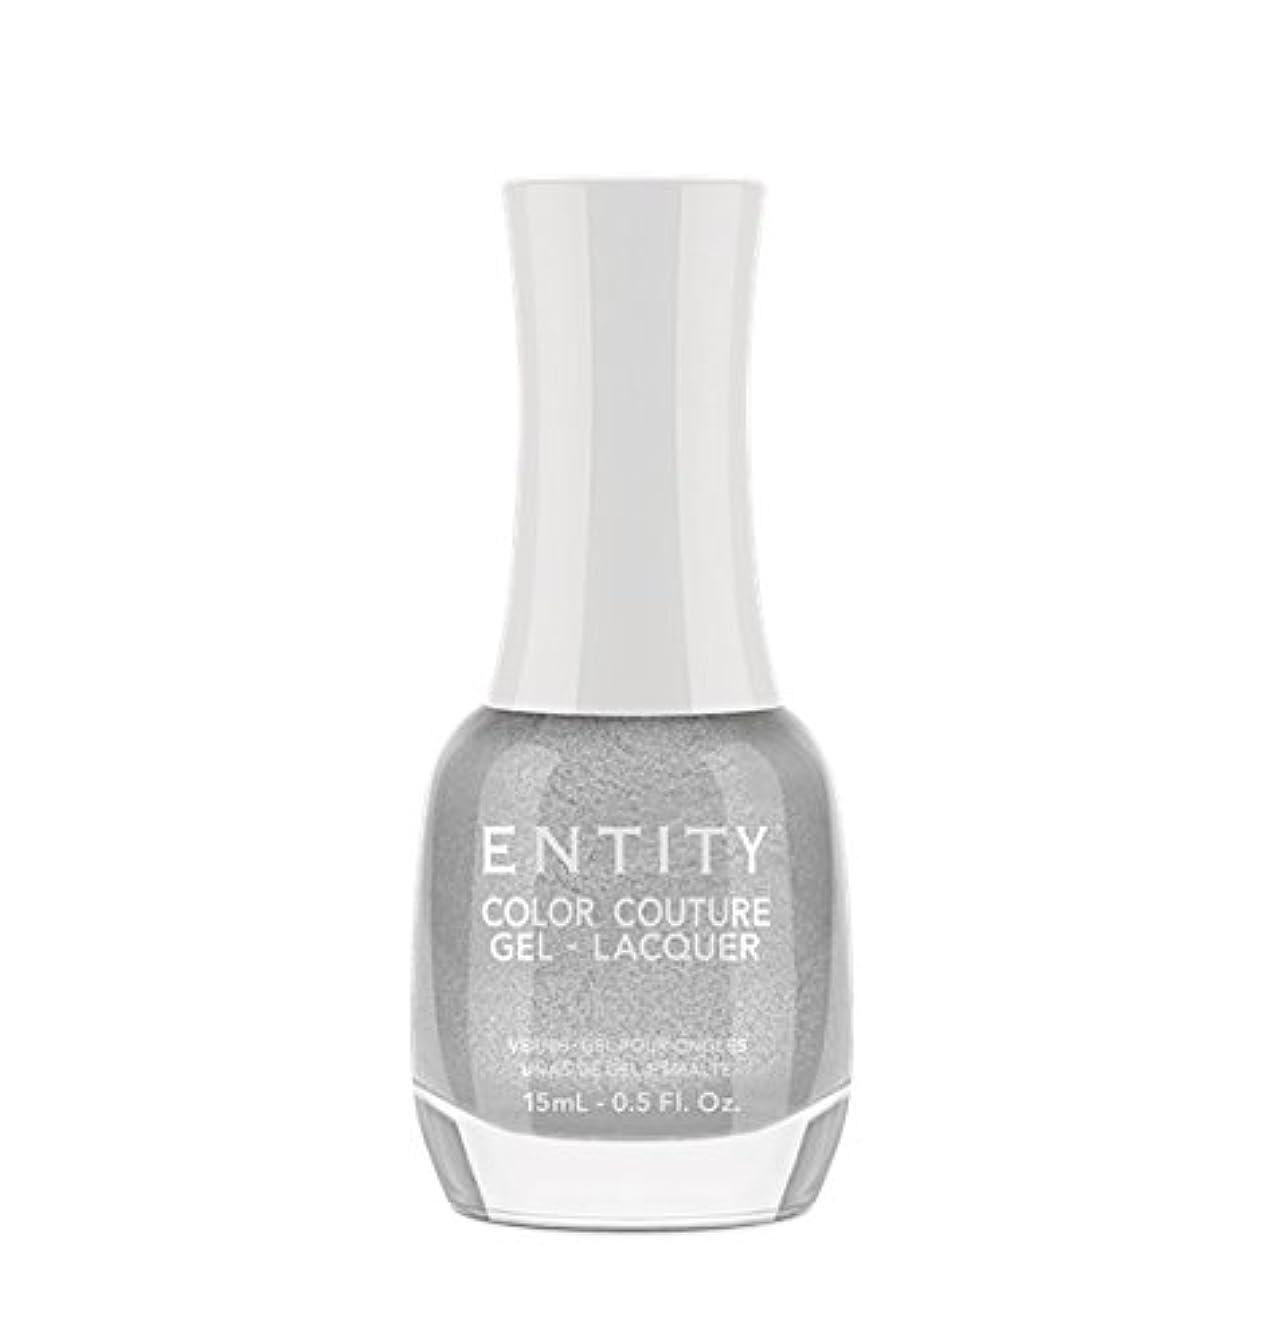 綺麗な無傷情緒的Entity Color Couture Gel-Lacquer - Contemporary Couture - 15 ml/0.5 oz